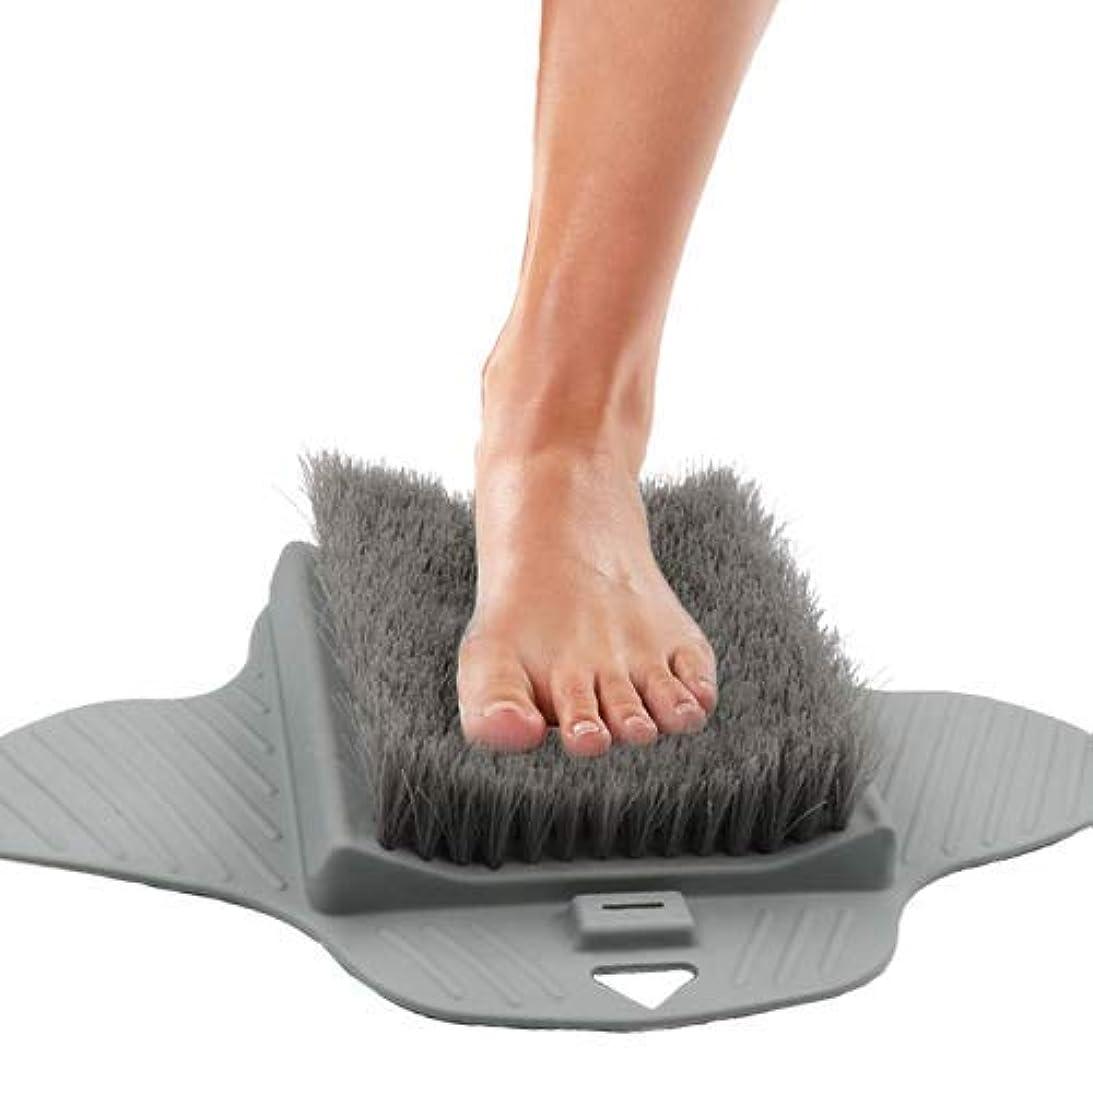 九月みなさんクリップ蝶Jhua 足の裏とカルスを掃除するためのシャワーフットスクラバーバスタブフロアブラシ-滑り止め吸引カップ、指圧マッサージマットフットクリーナー